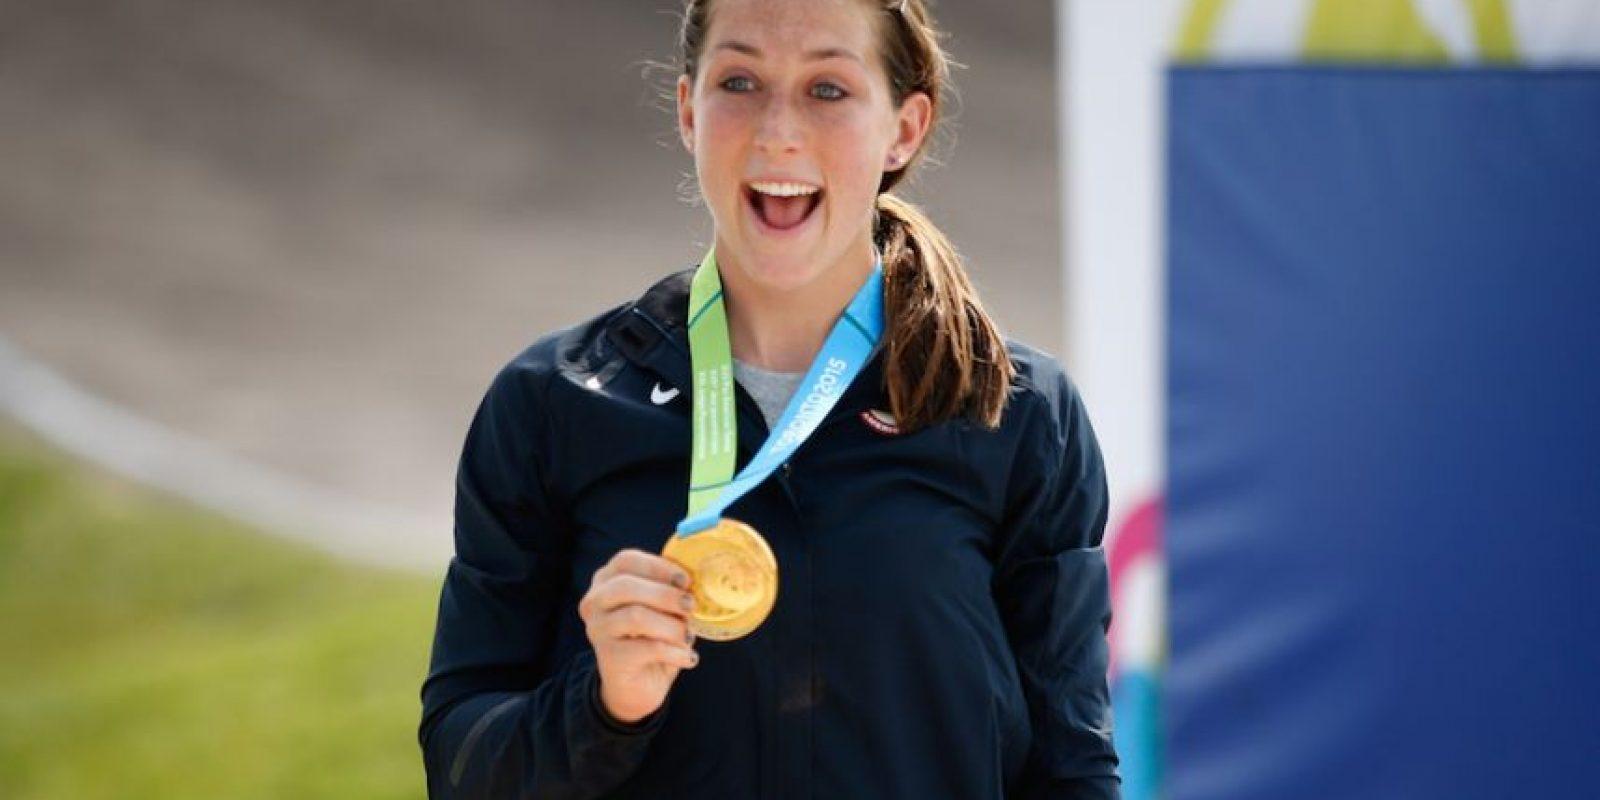 Felicia Stancil de Estados Unidos ganó oro en BMX femenino. Foto:Getty Images